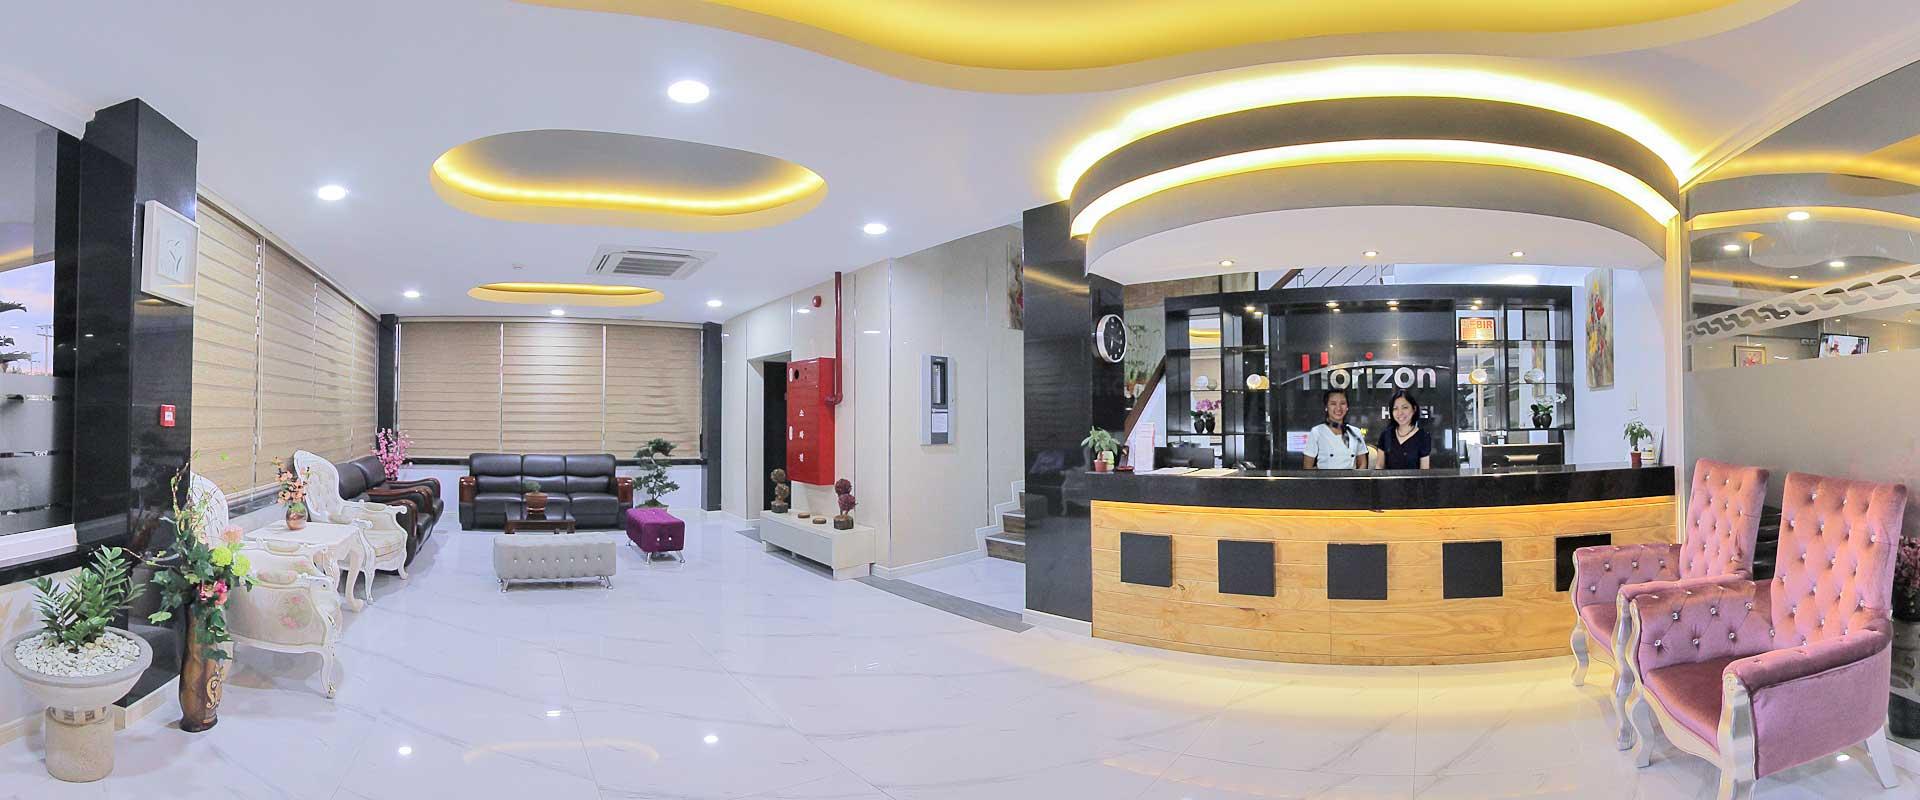 Horizon Hotel Subic Bay Lobby